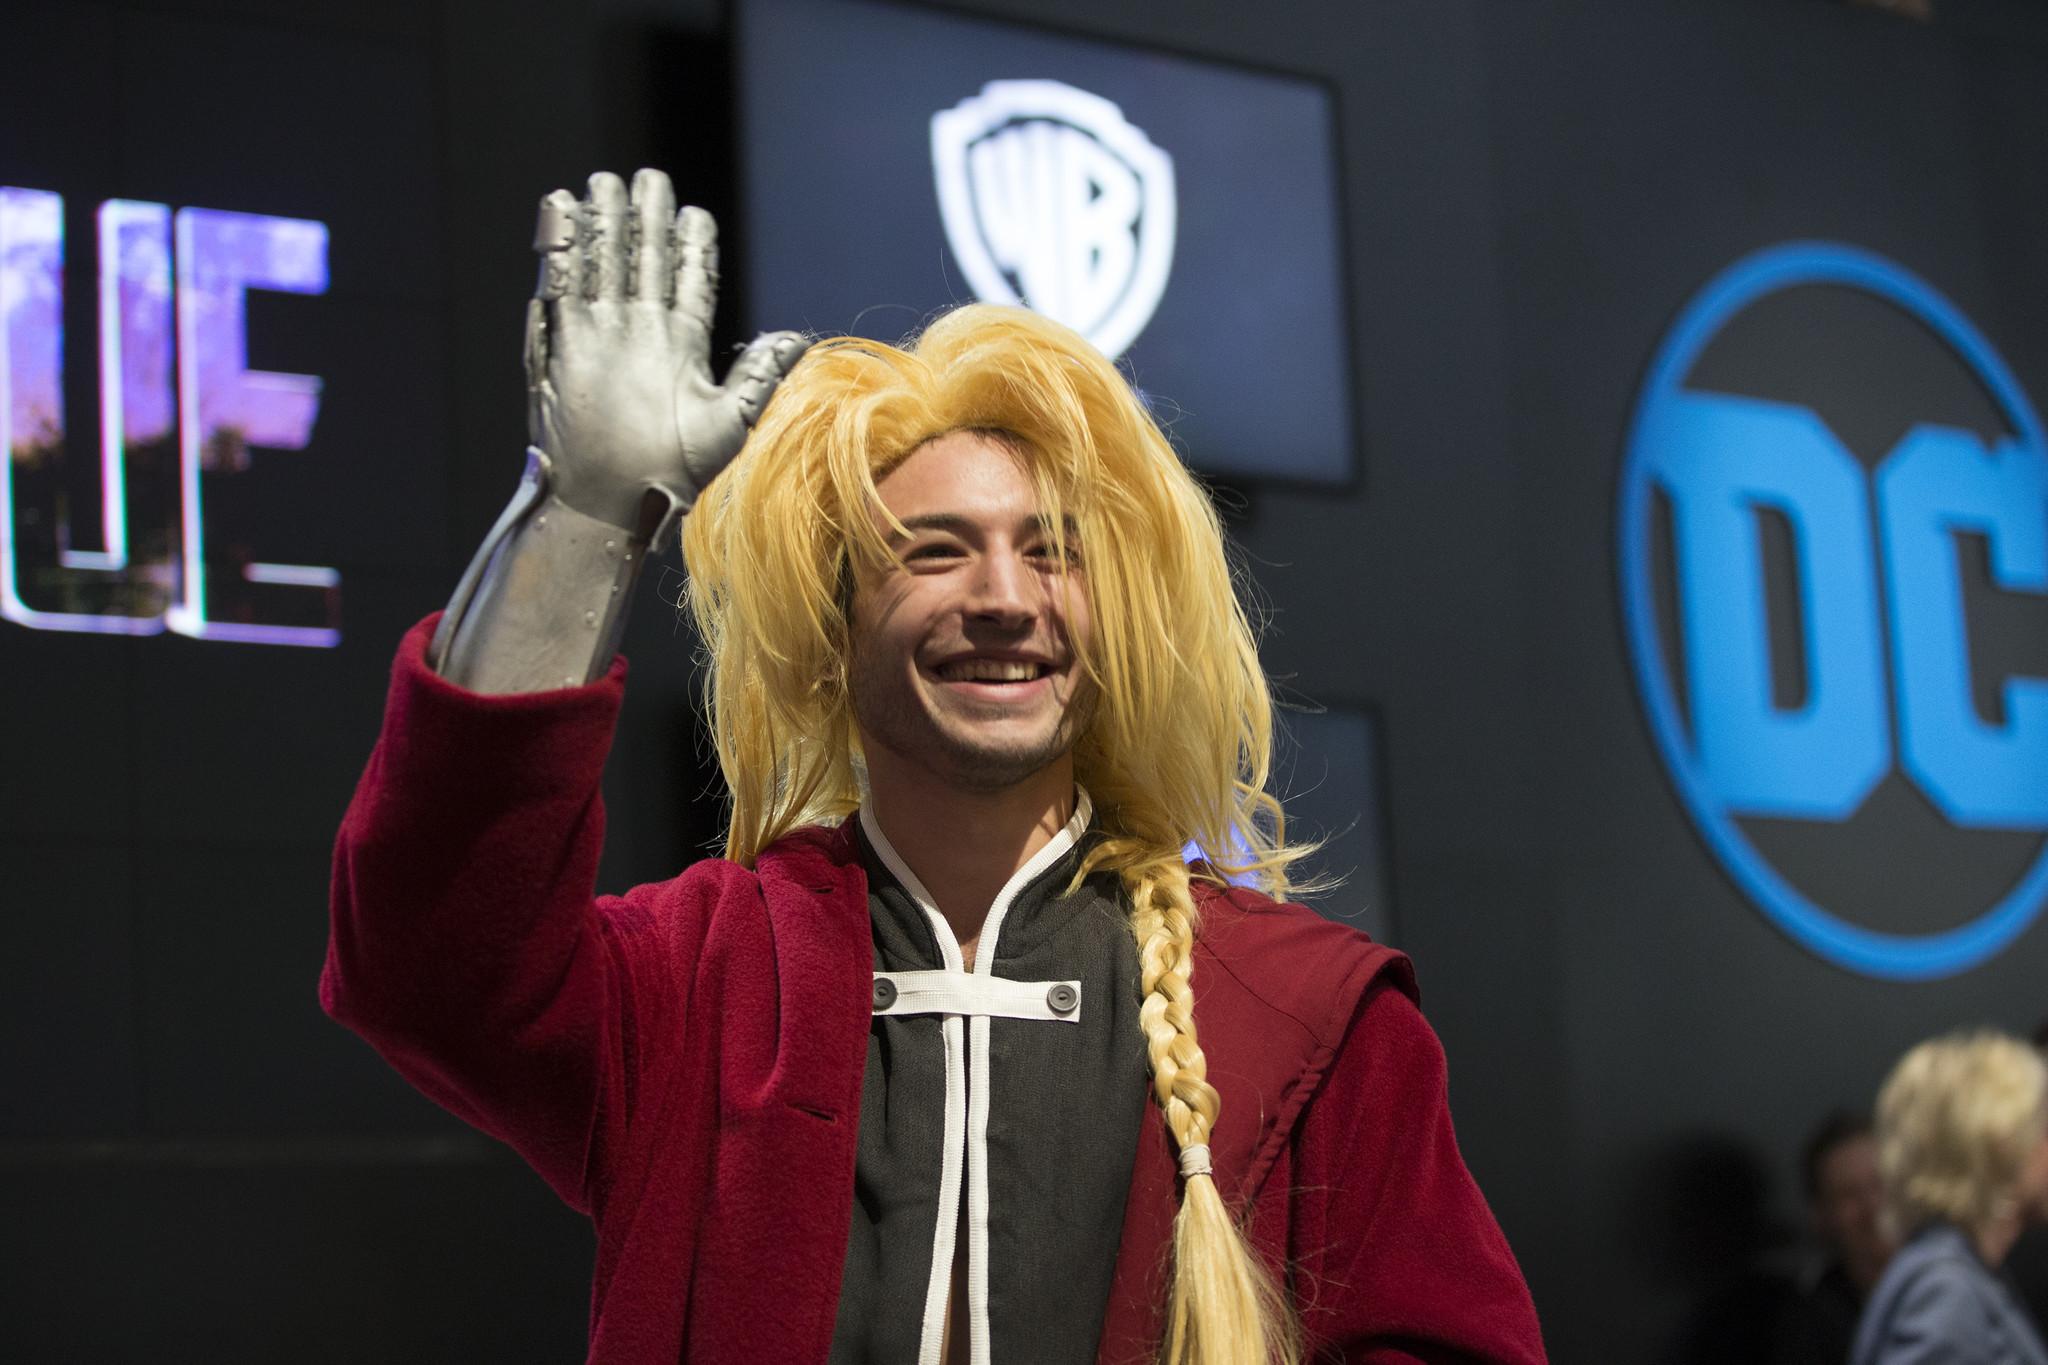 ezra miller in cosplay